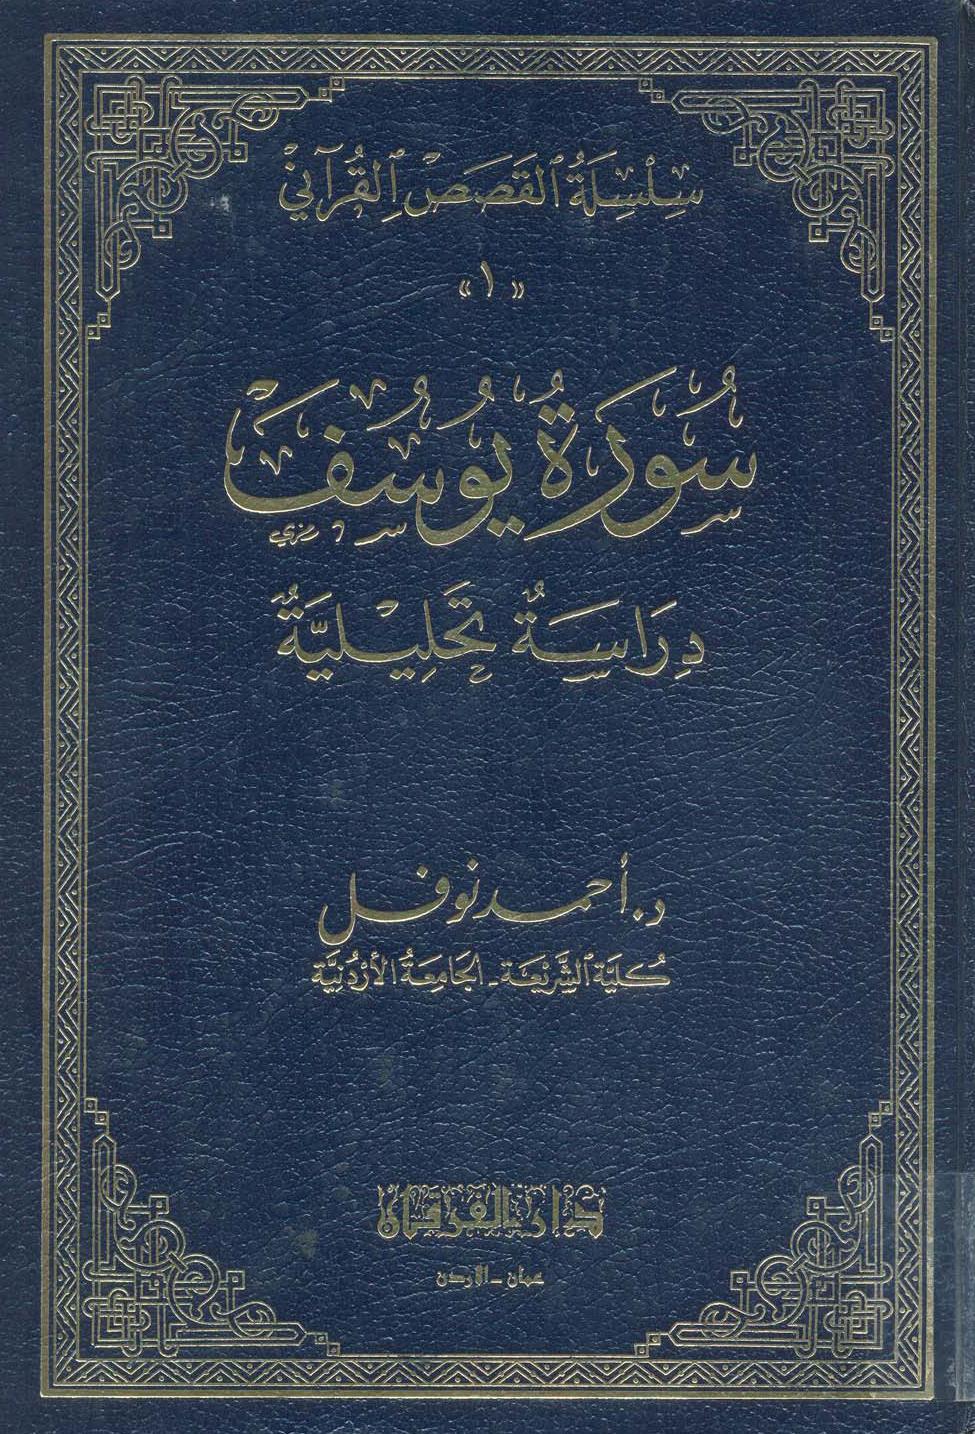 تحميل كتاب سورة يوسف: دراسة تحليلية لـِ: الدكتور أحمد إسماعيل إبراهيم نوفل